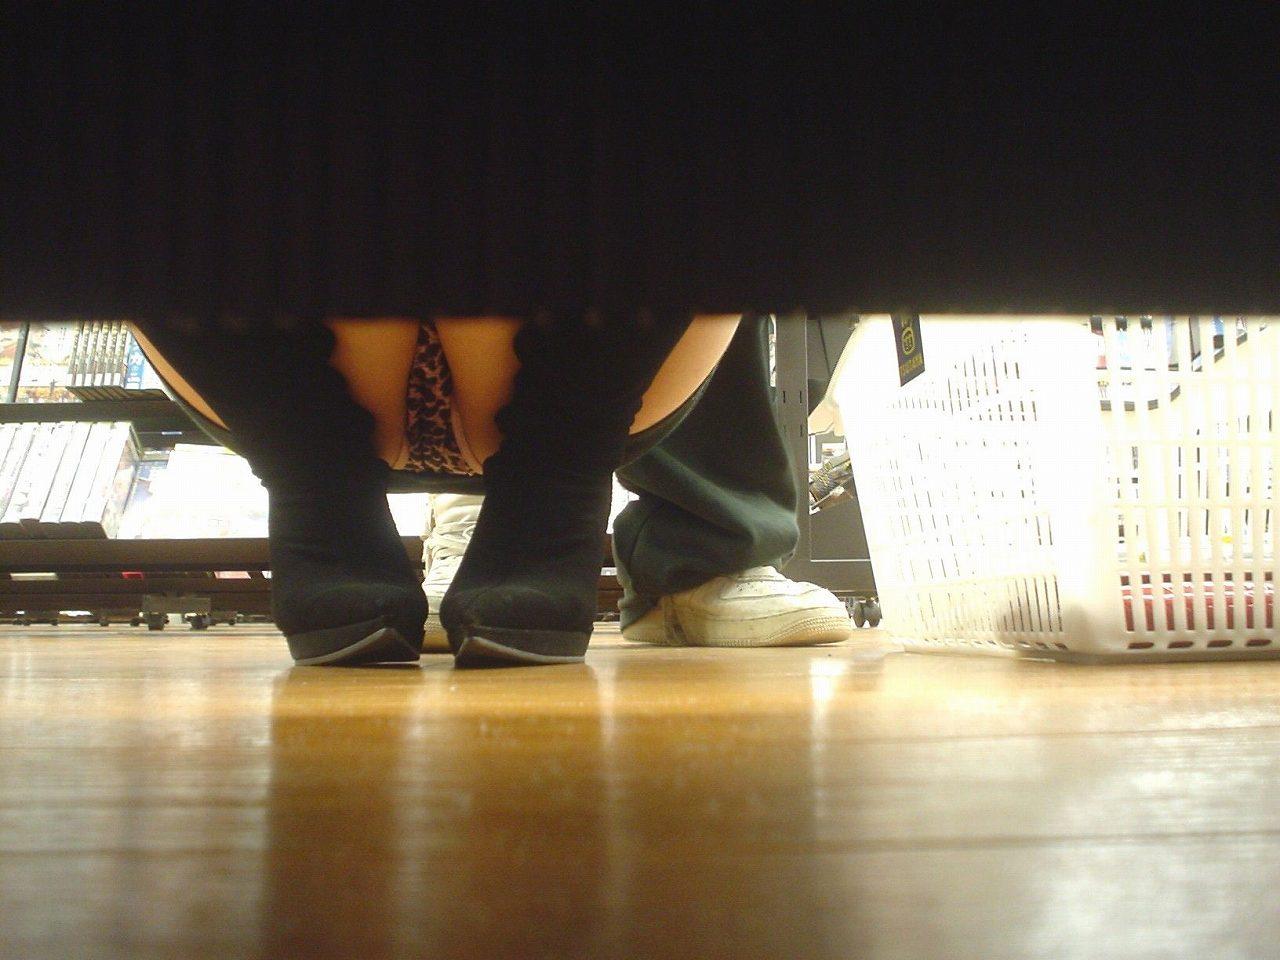 レンタルショップで女性客のパンツ撮影してるパンチラ画像 BqbsBu7Rpdbd